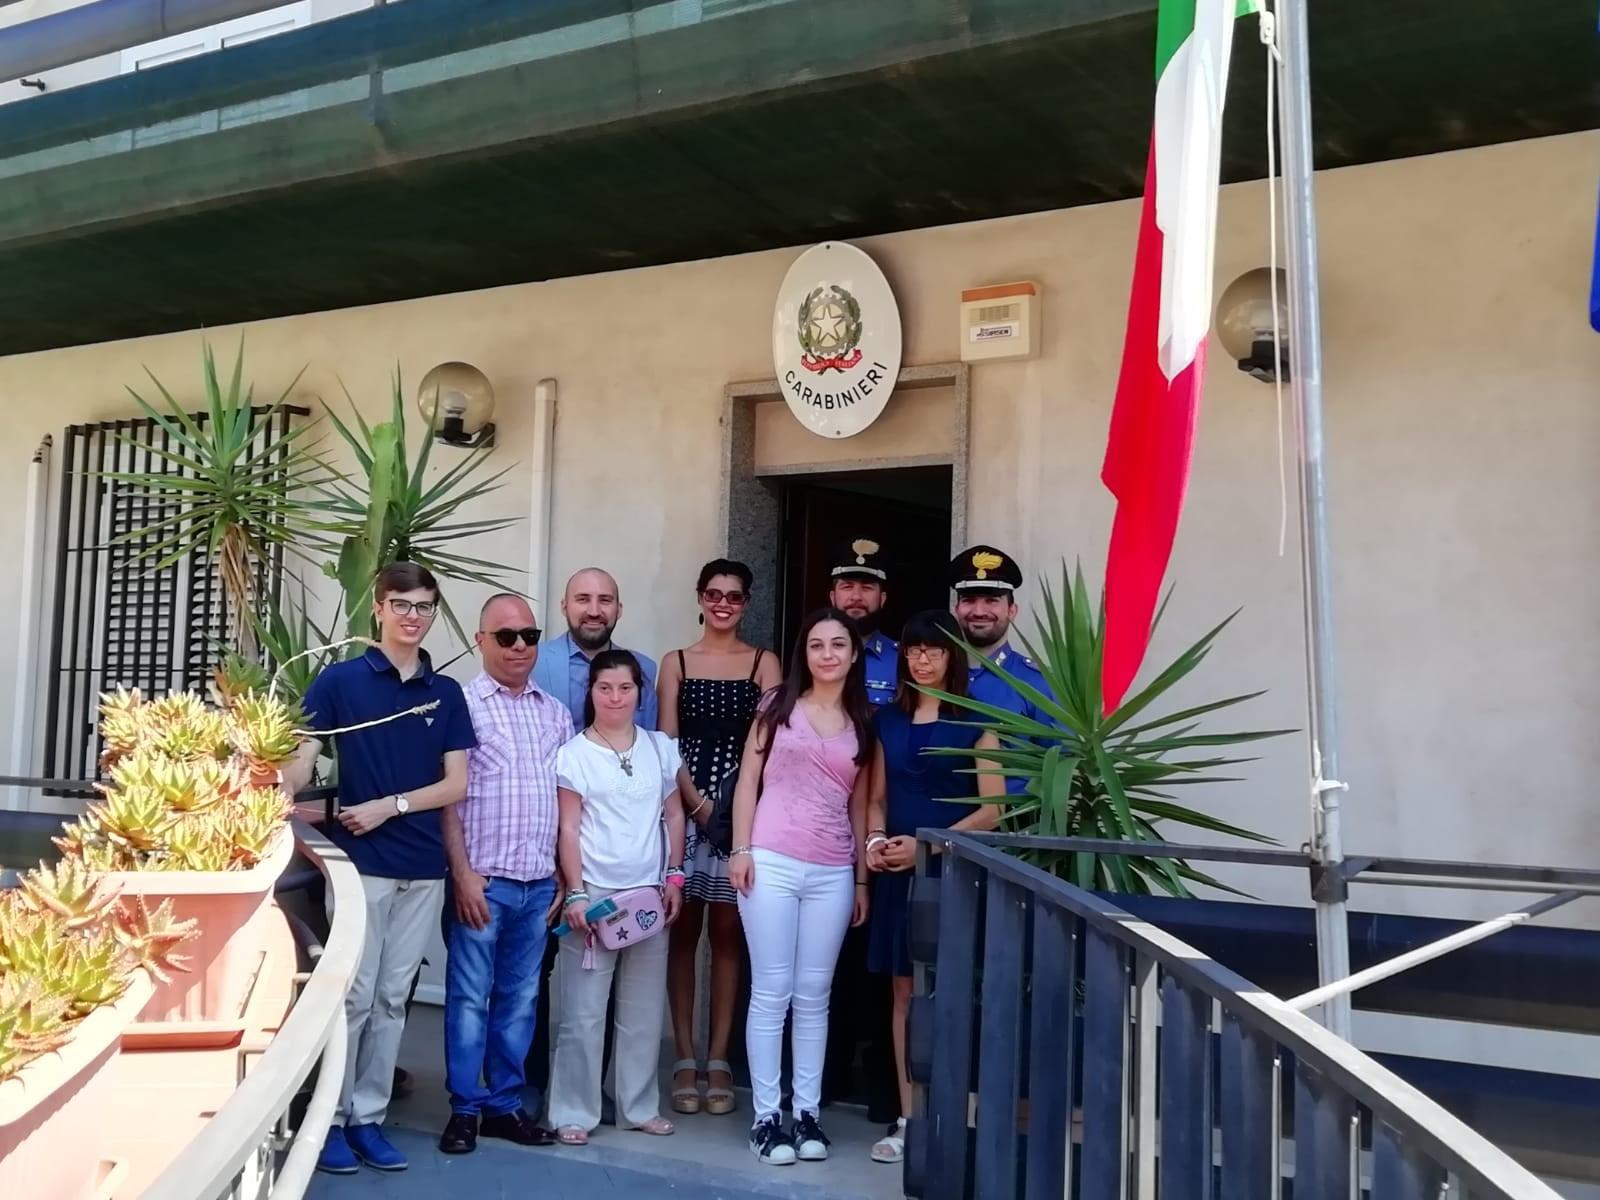 """Melilli, visita di un gruppo di ragazzi alla stazione dei carabinieri per parlare del progetto """"Legalità, bullismo e disabilità"""""""